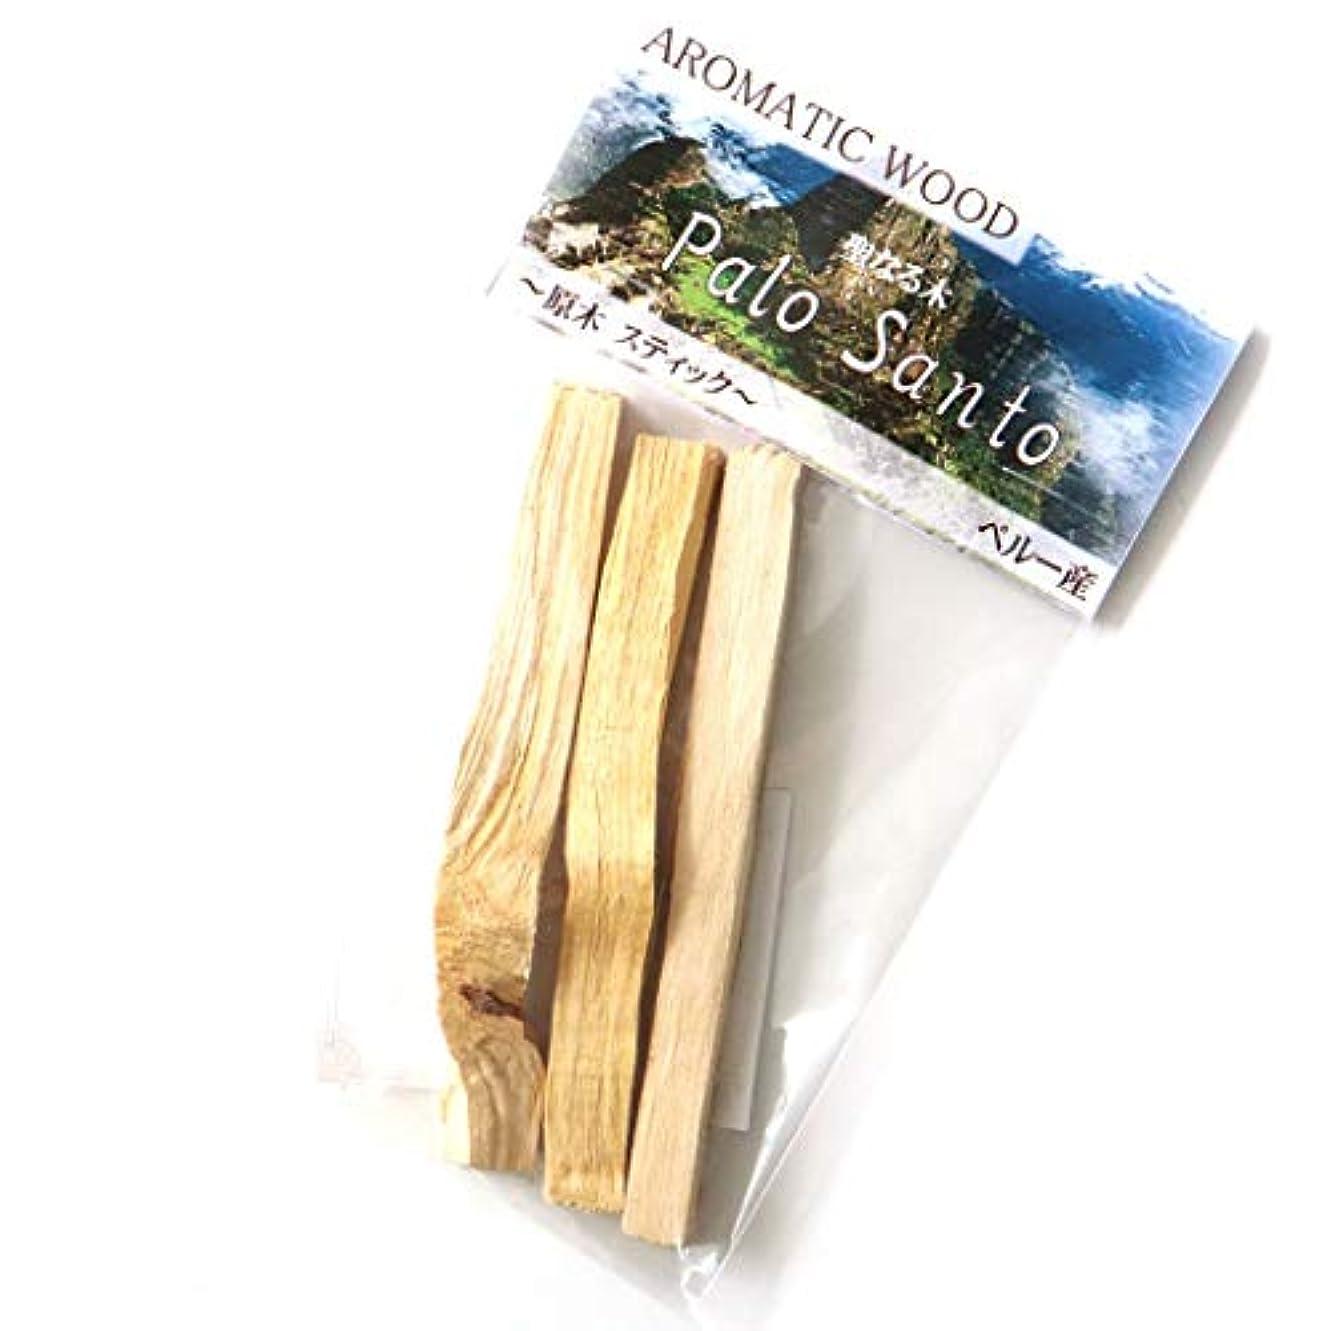 リーズドリンククレアパロサント スティックタイプ ペルー産 原木 3本入り 聖なる樹 浄化用